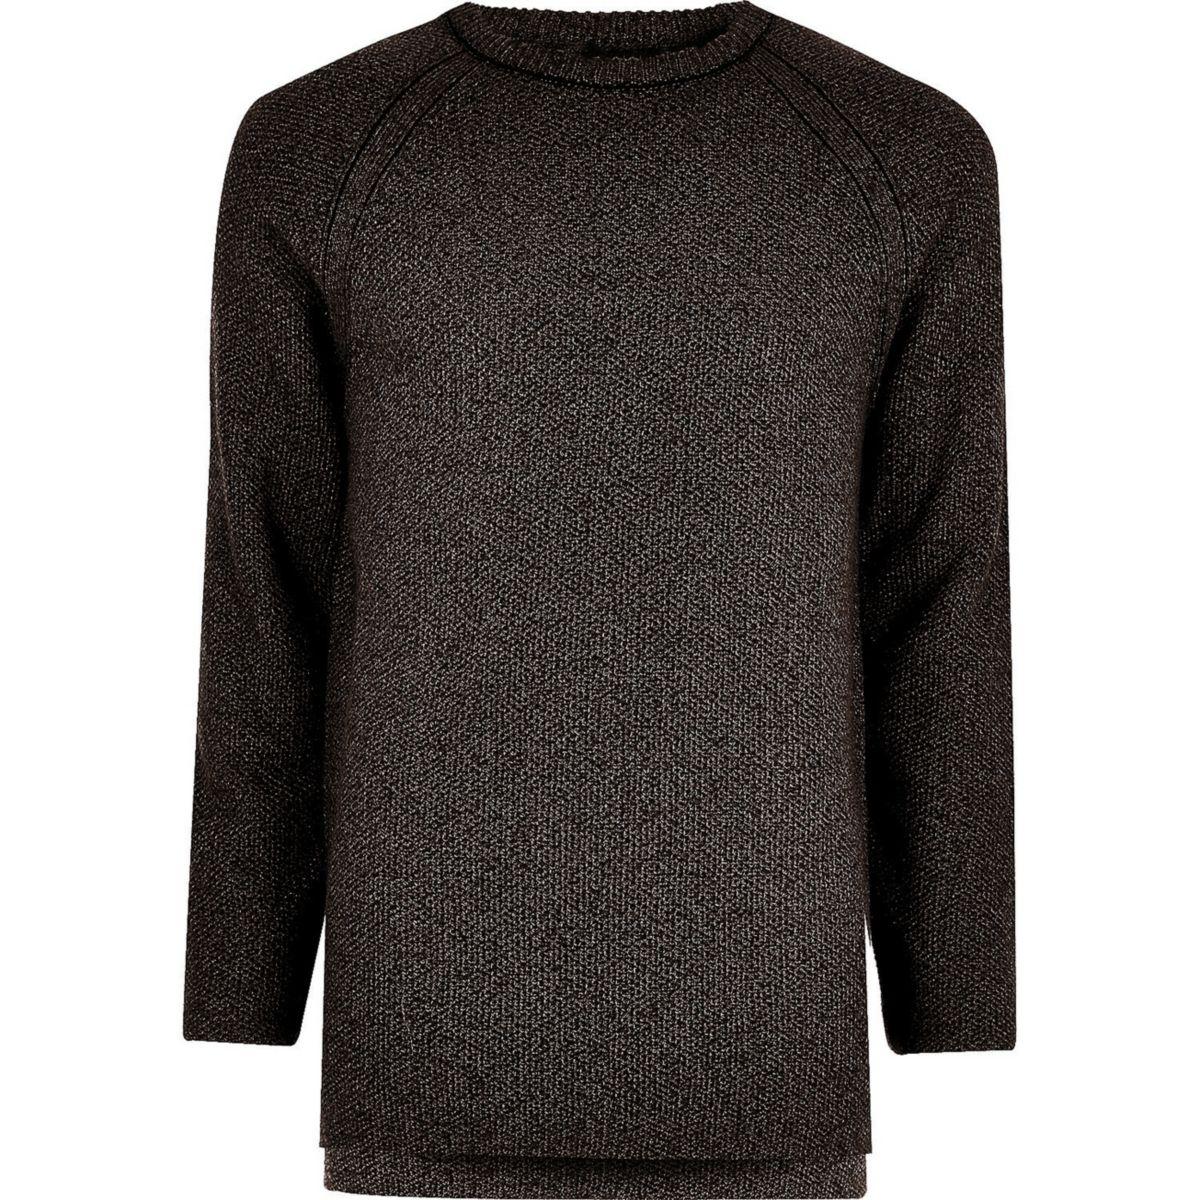 Dark grey textured crew neck jumper